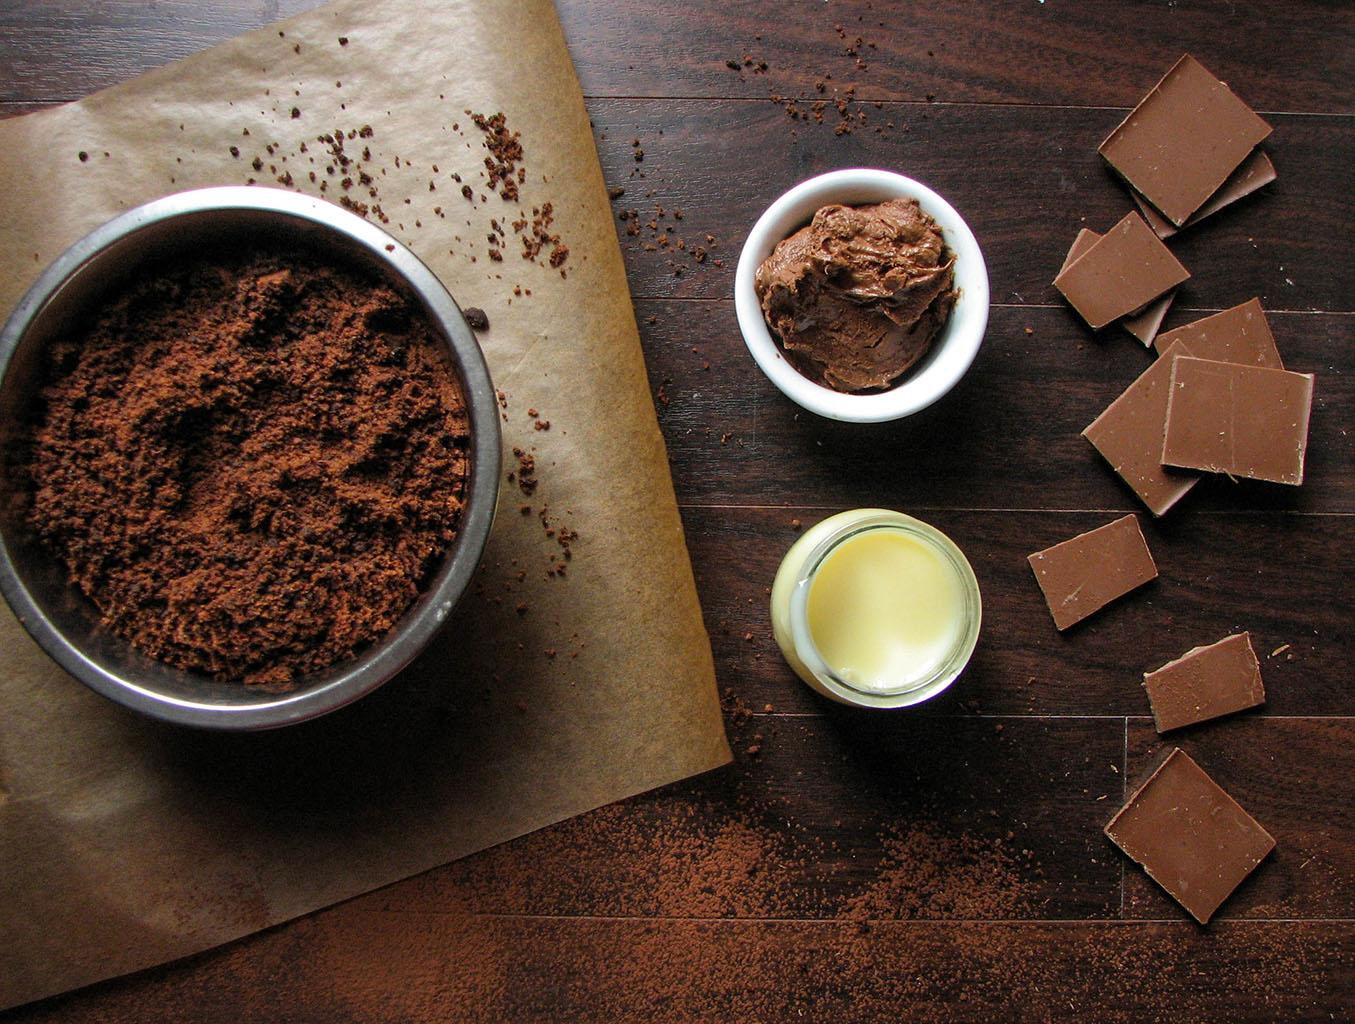 shokoladnyy-tort-so-smetannym-kremom-udovolstvie-v-kazhdom-kusochke2019-02-12